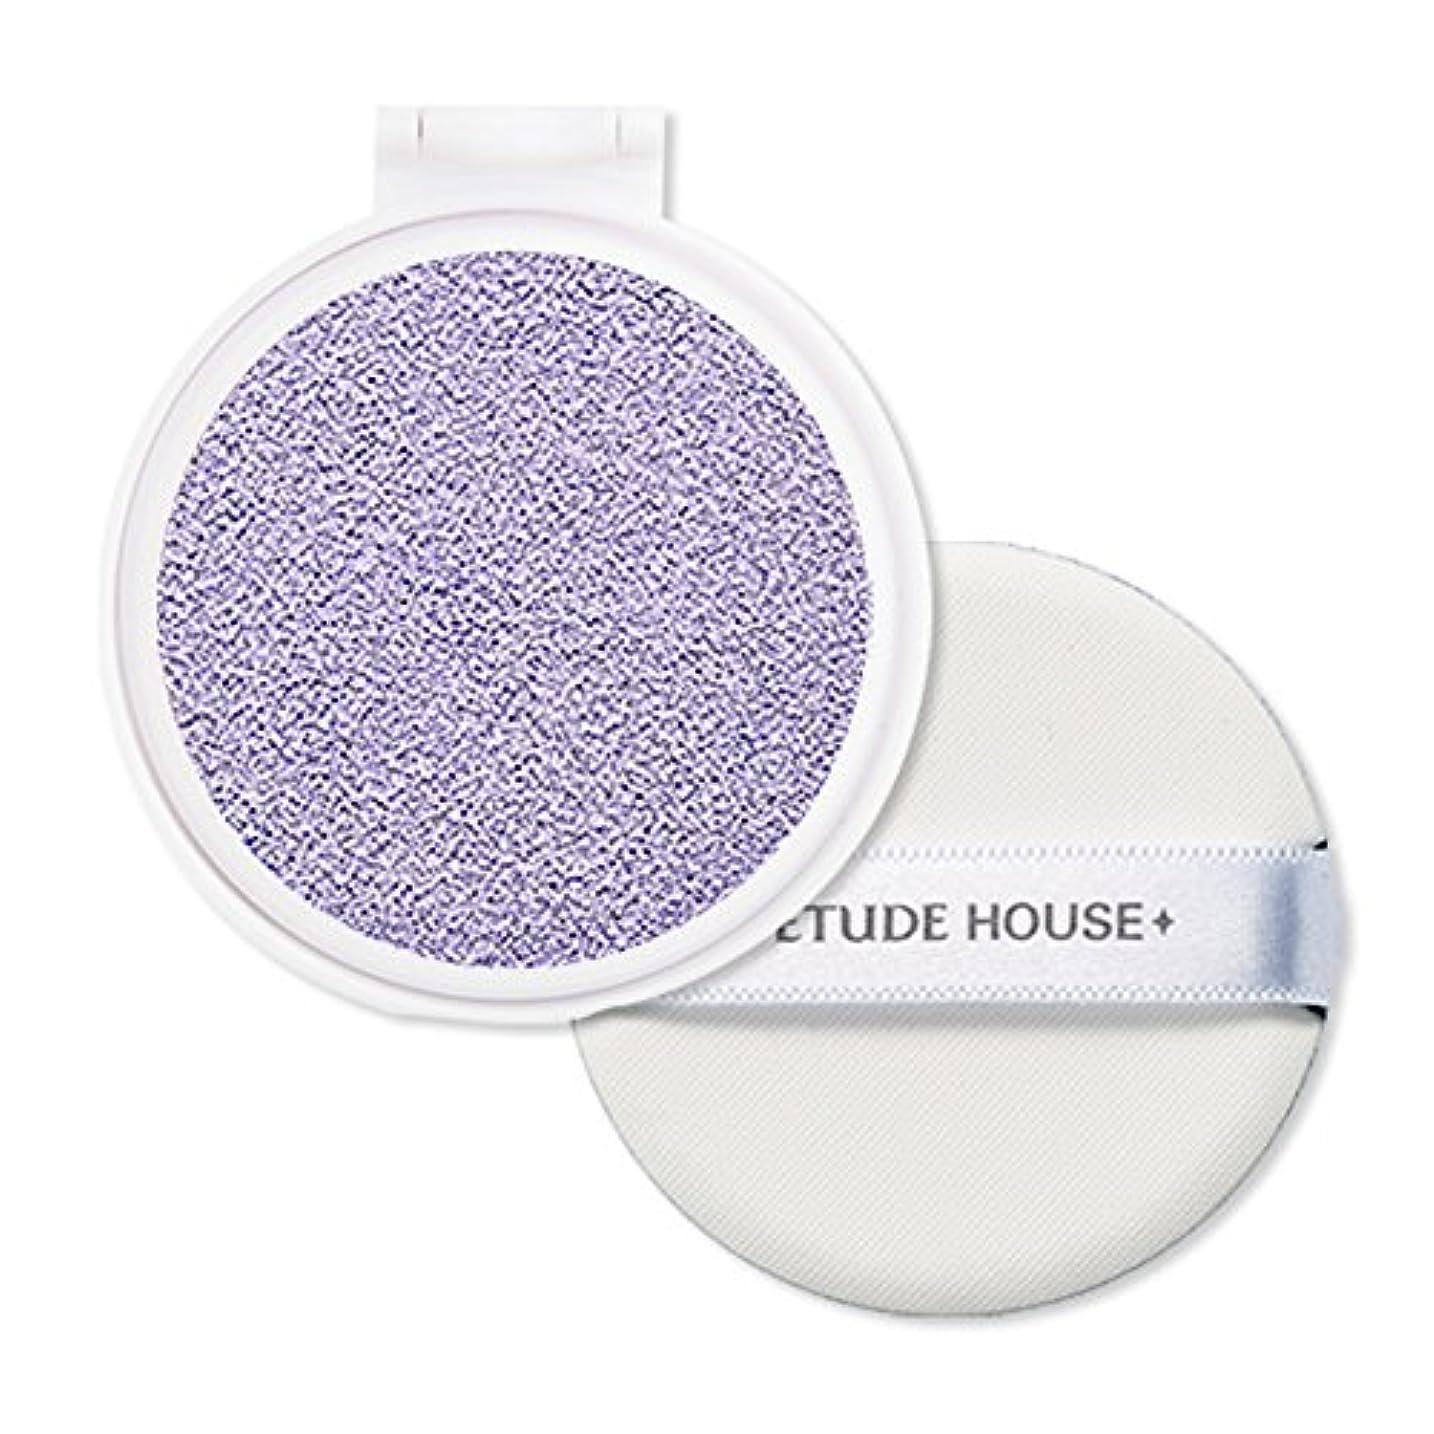 分析する海藻企業エチュードハウス(ETUDE HOUSE) エニークッション カラーコレクター レフィル Lavender